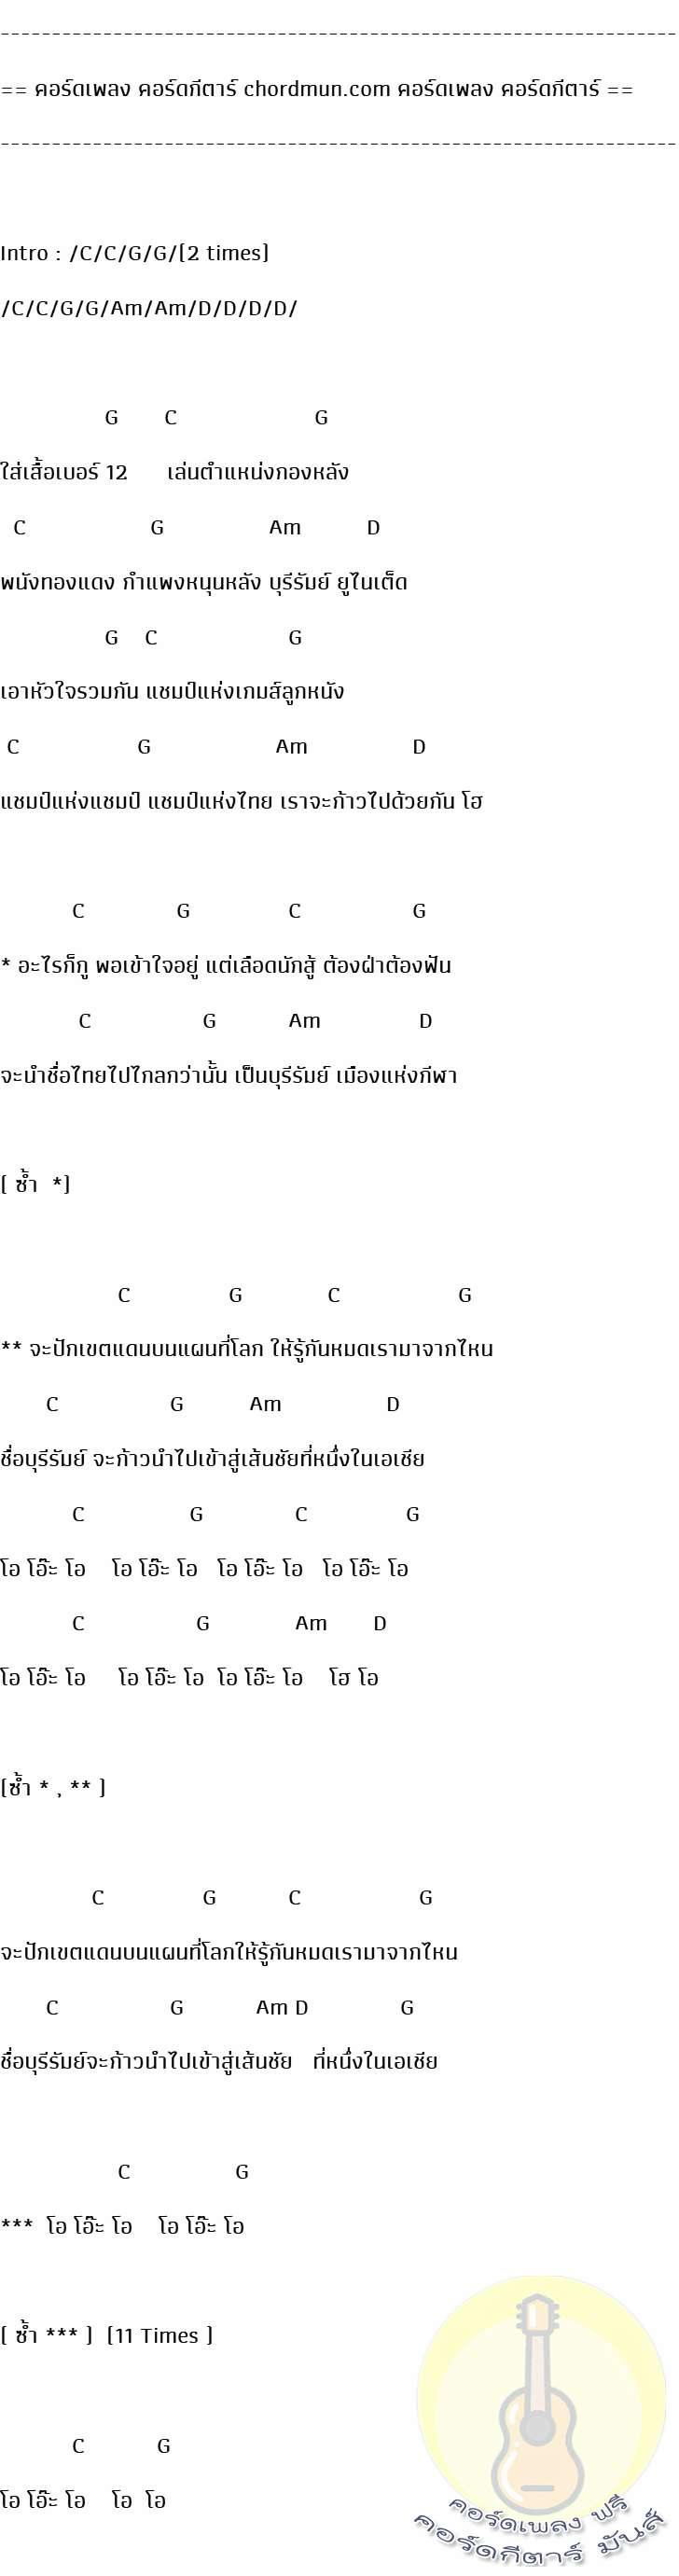 ตารางคอร์ดกีต้าร์  เพลง GU 12 บุรีรัมย์ยูไนเต็ด